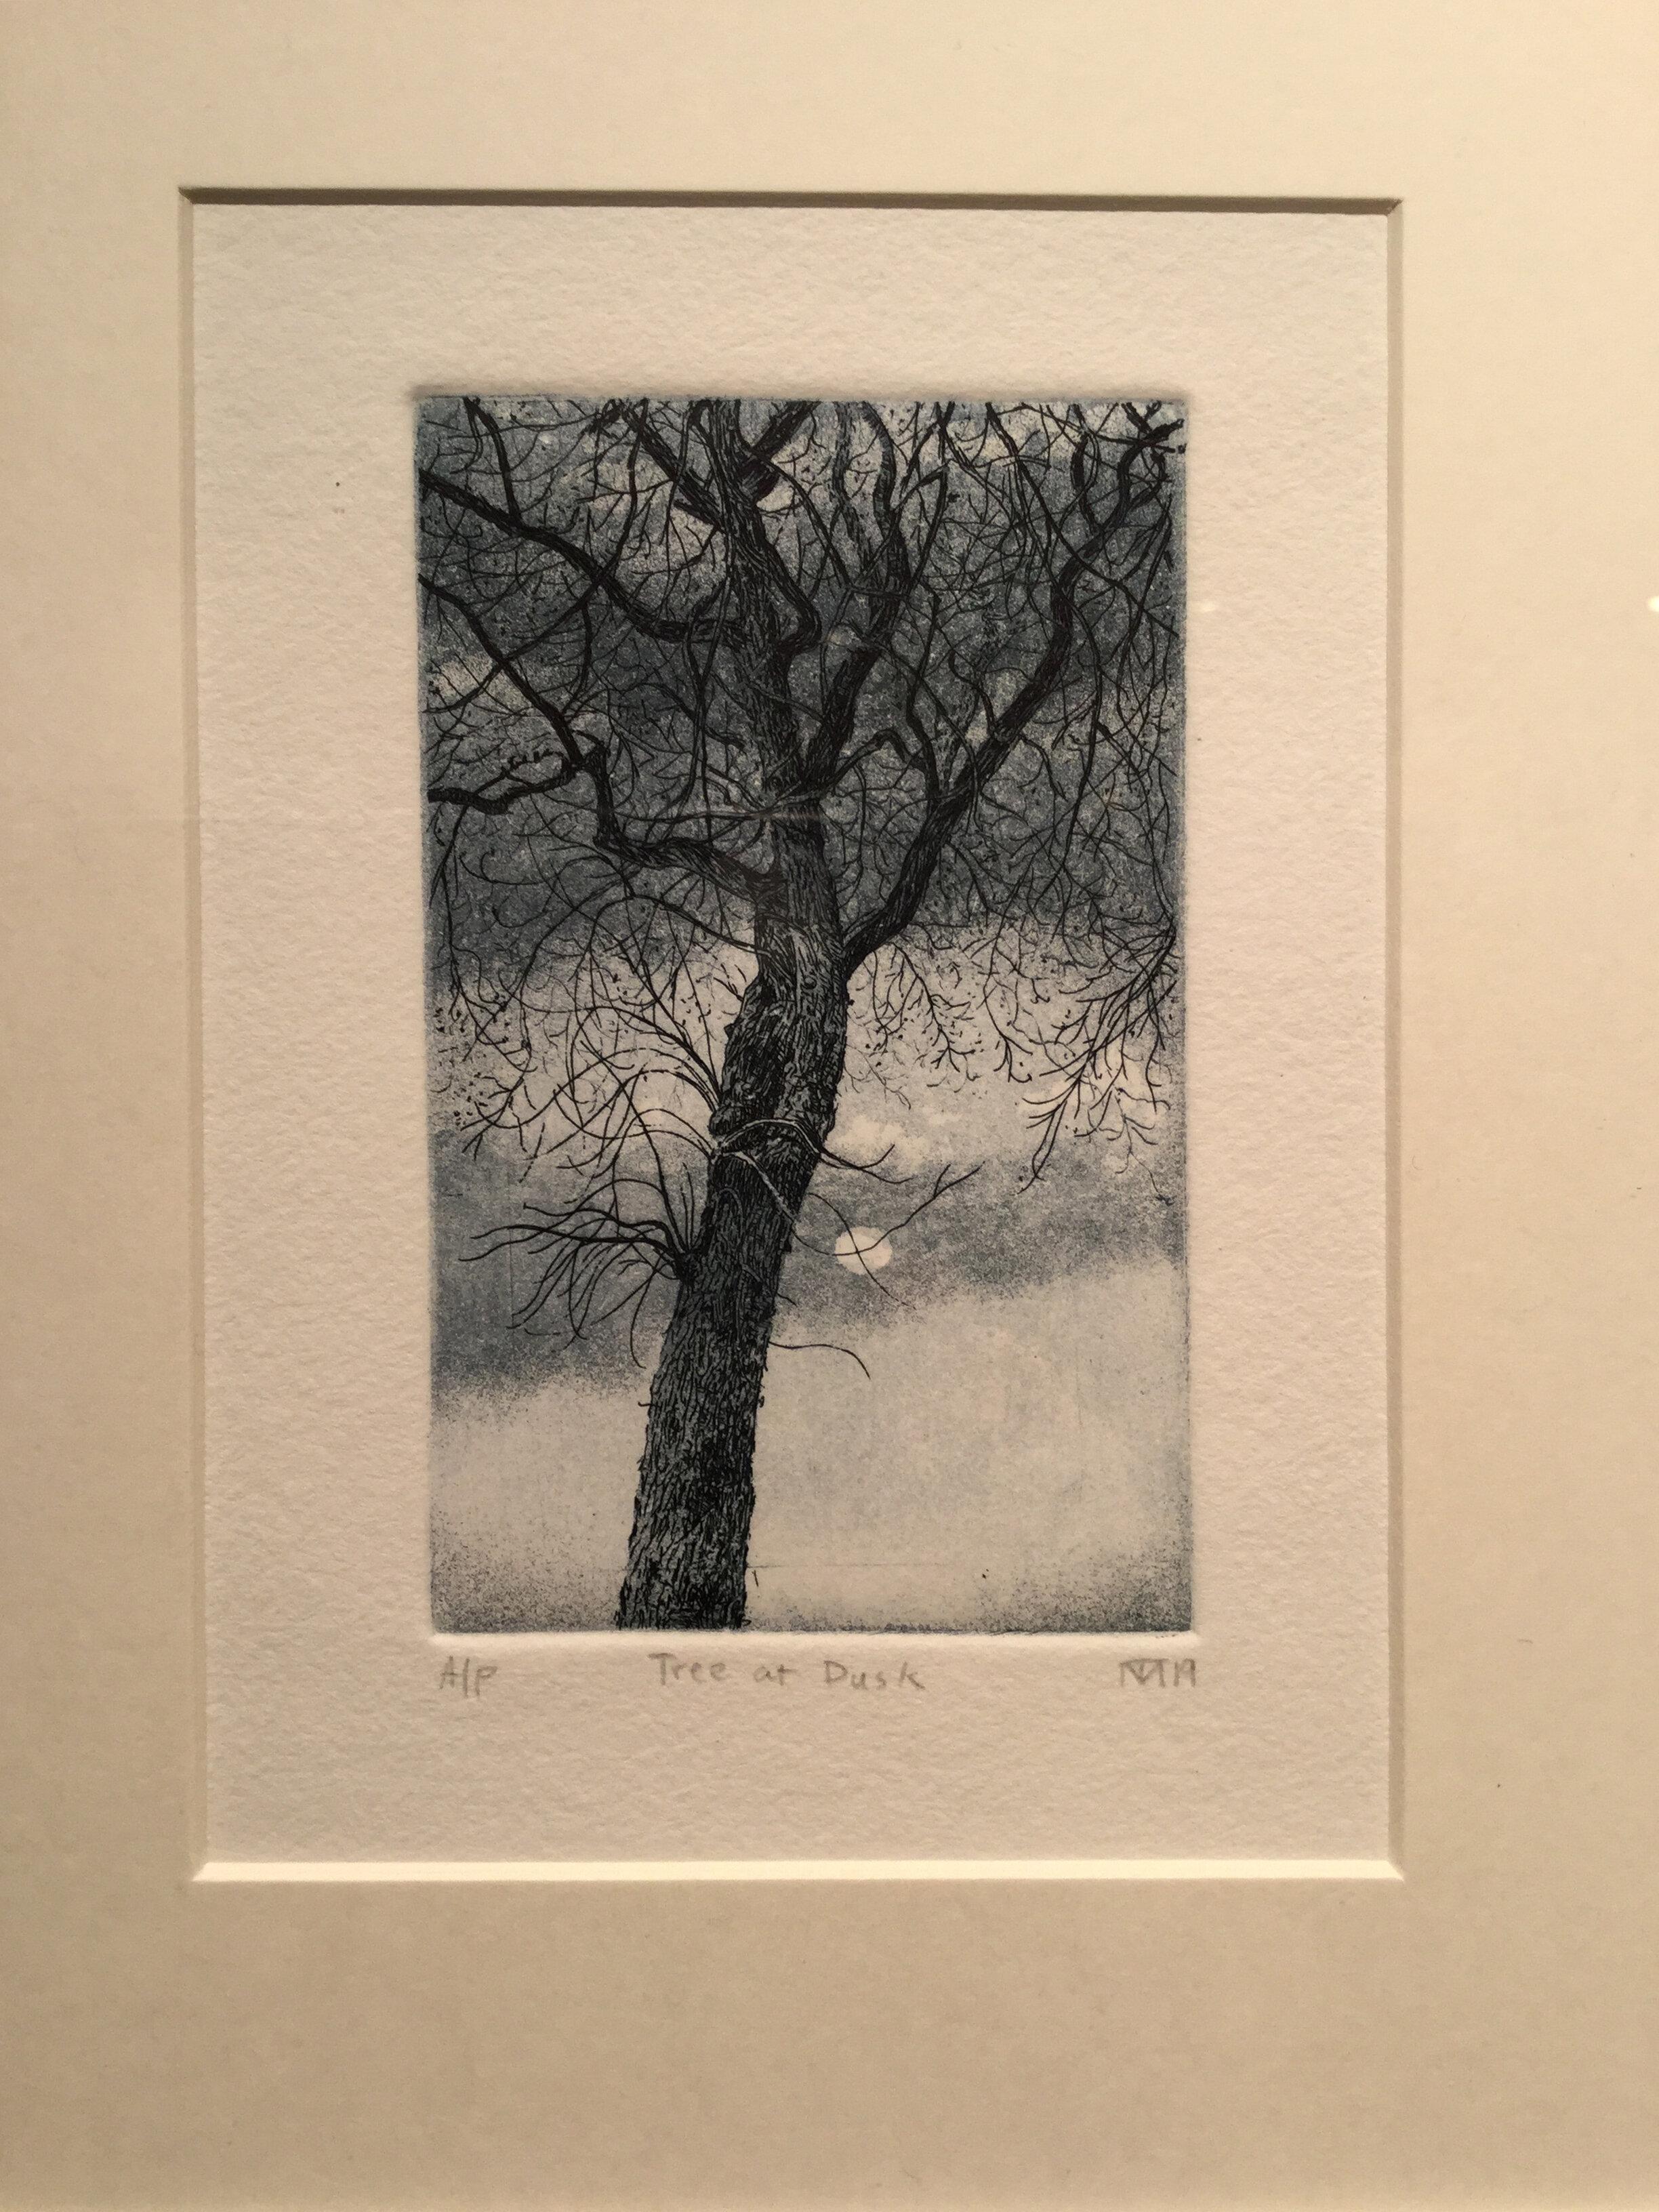 tree-at-dusk-print.jpg